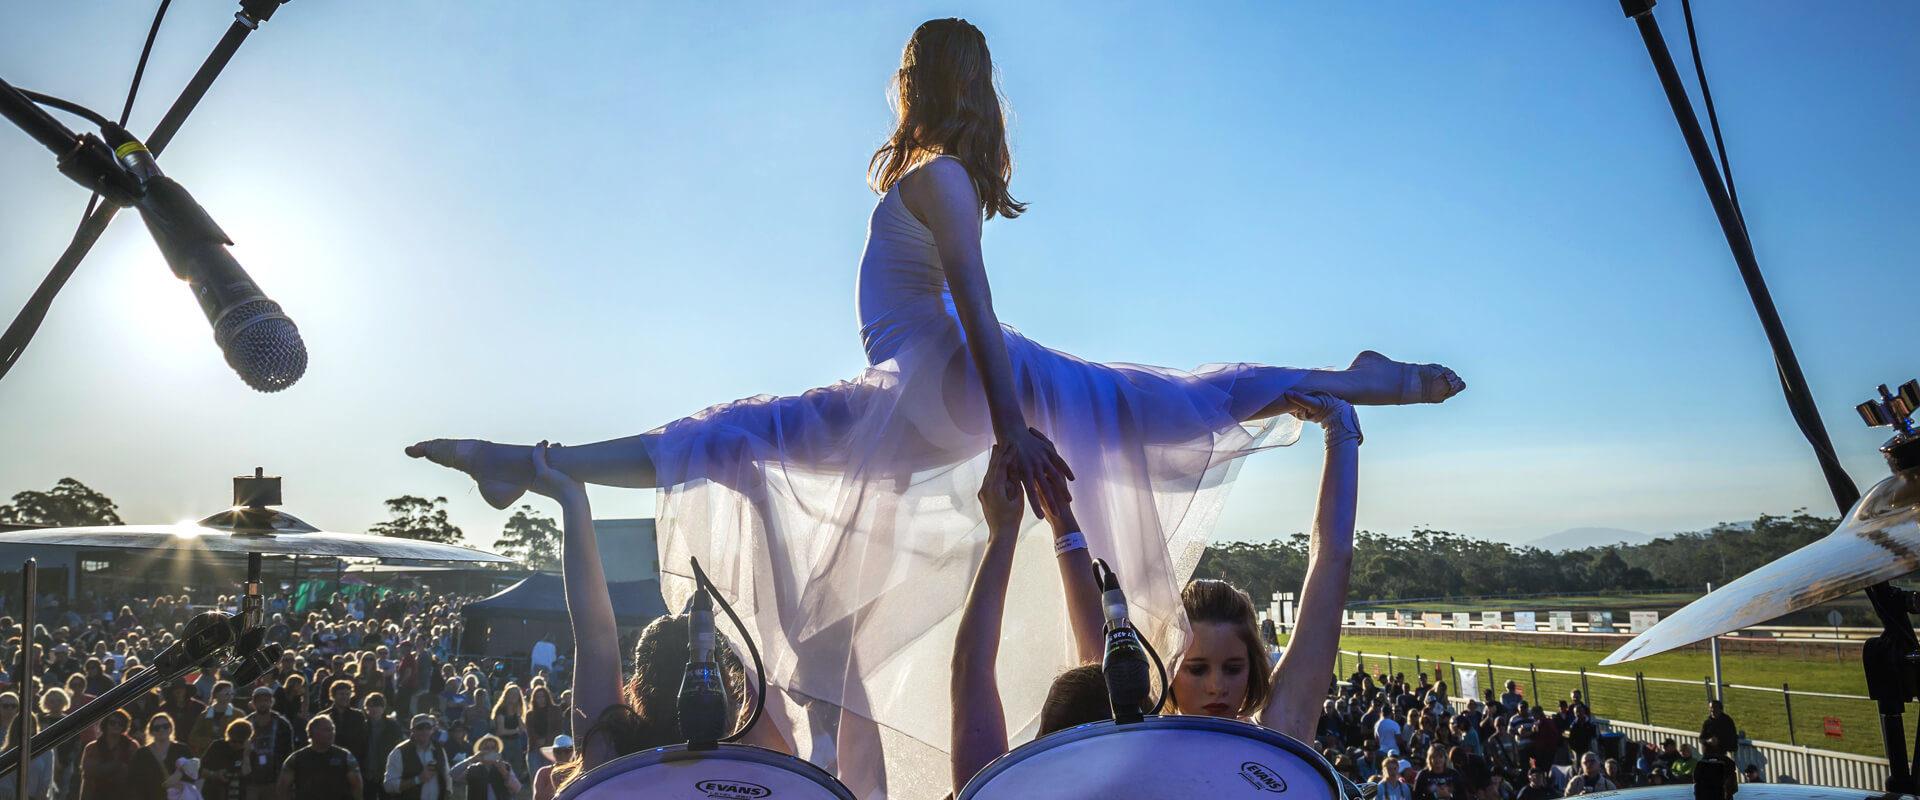 Band Together/Dance: Bega Valley